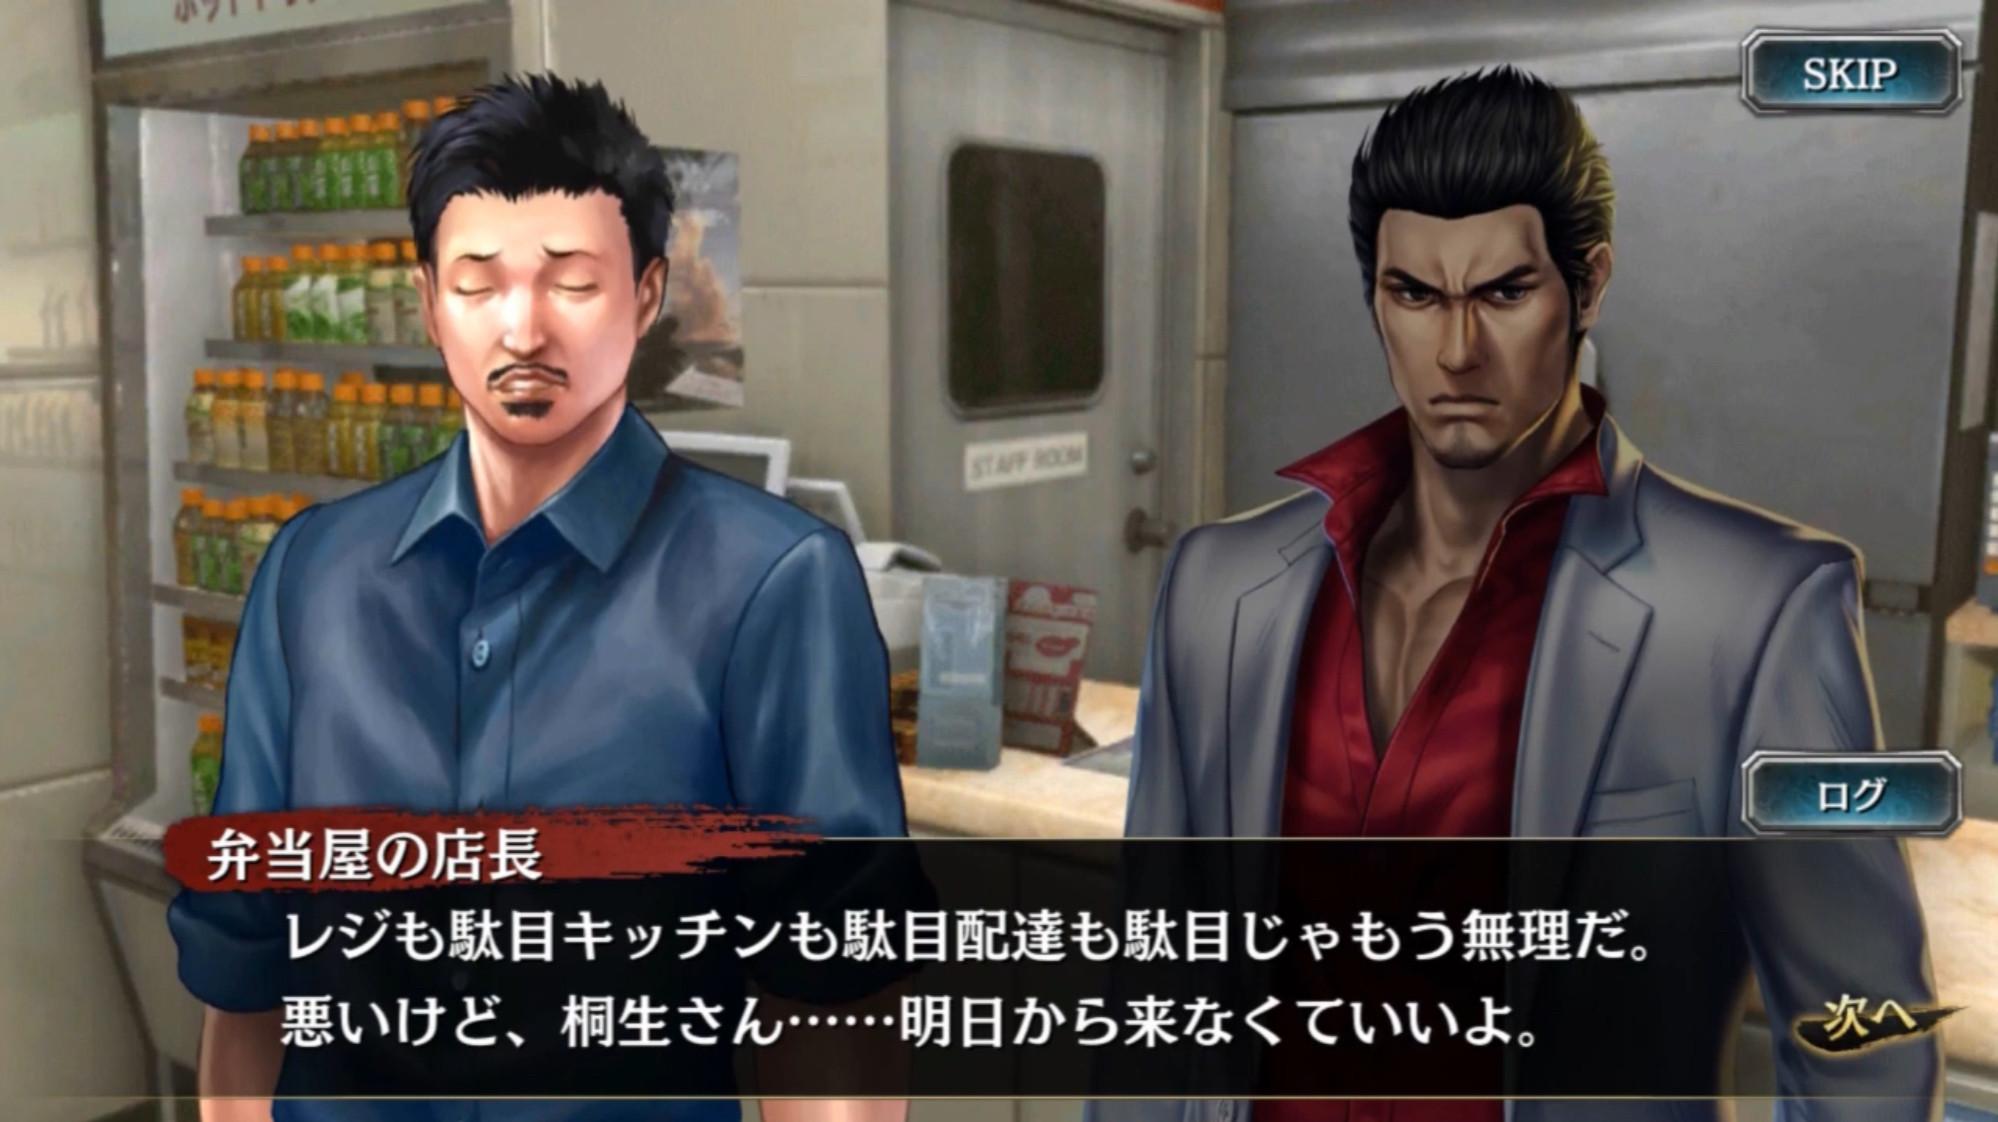 44oOkli - 【悲報】桐生一馬さん、社会不適合者だった…